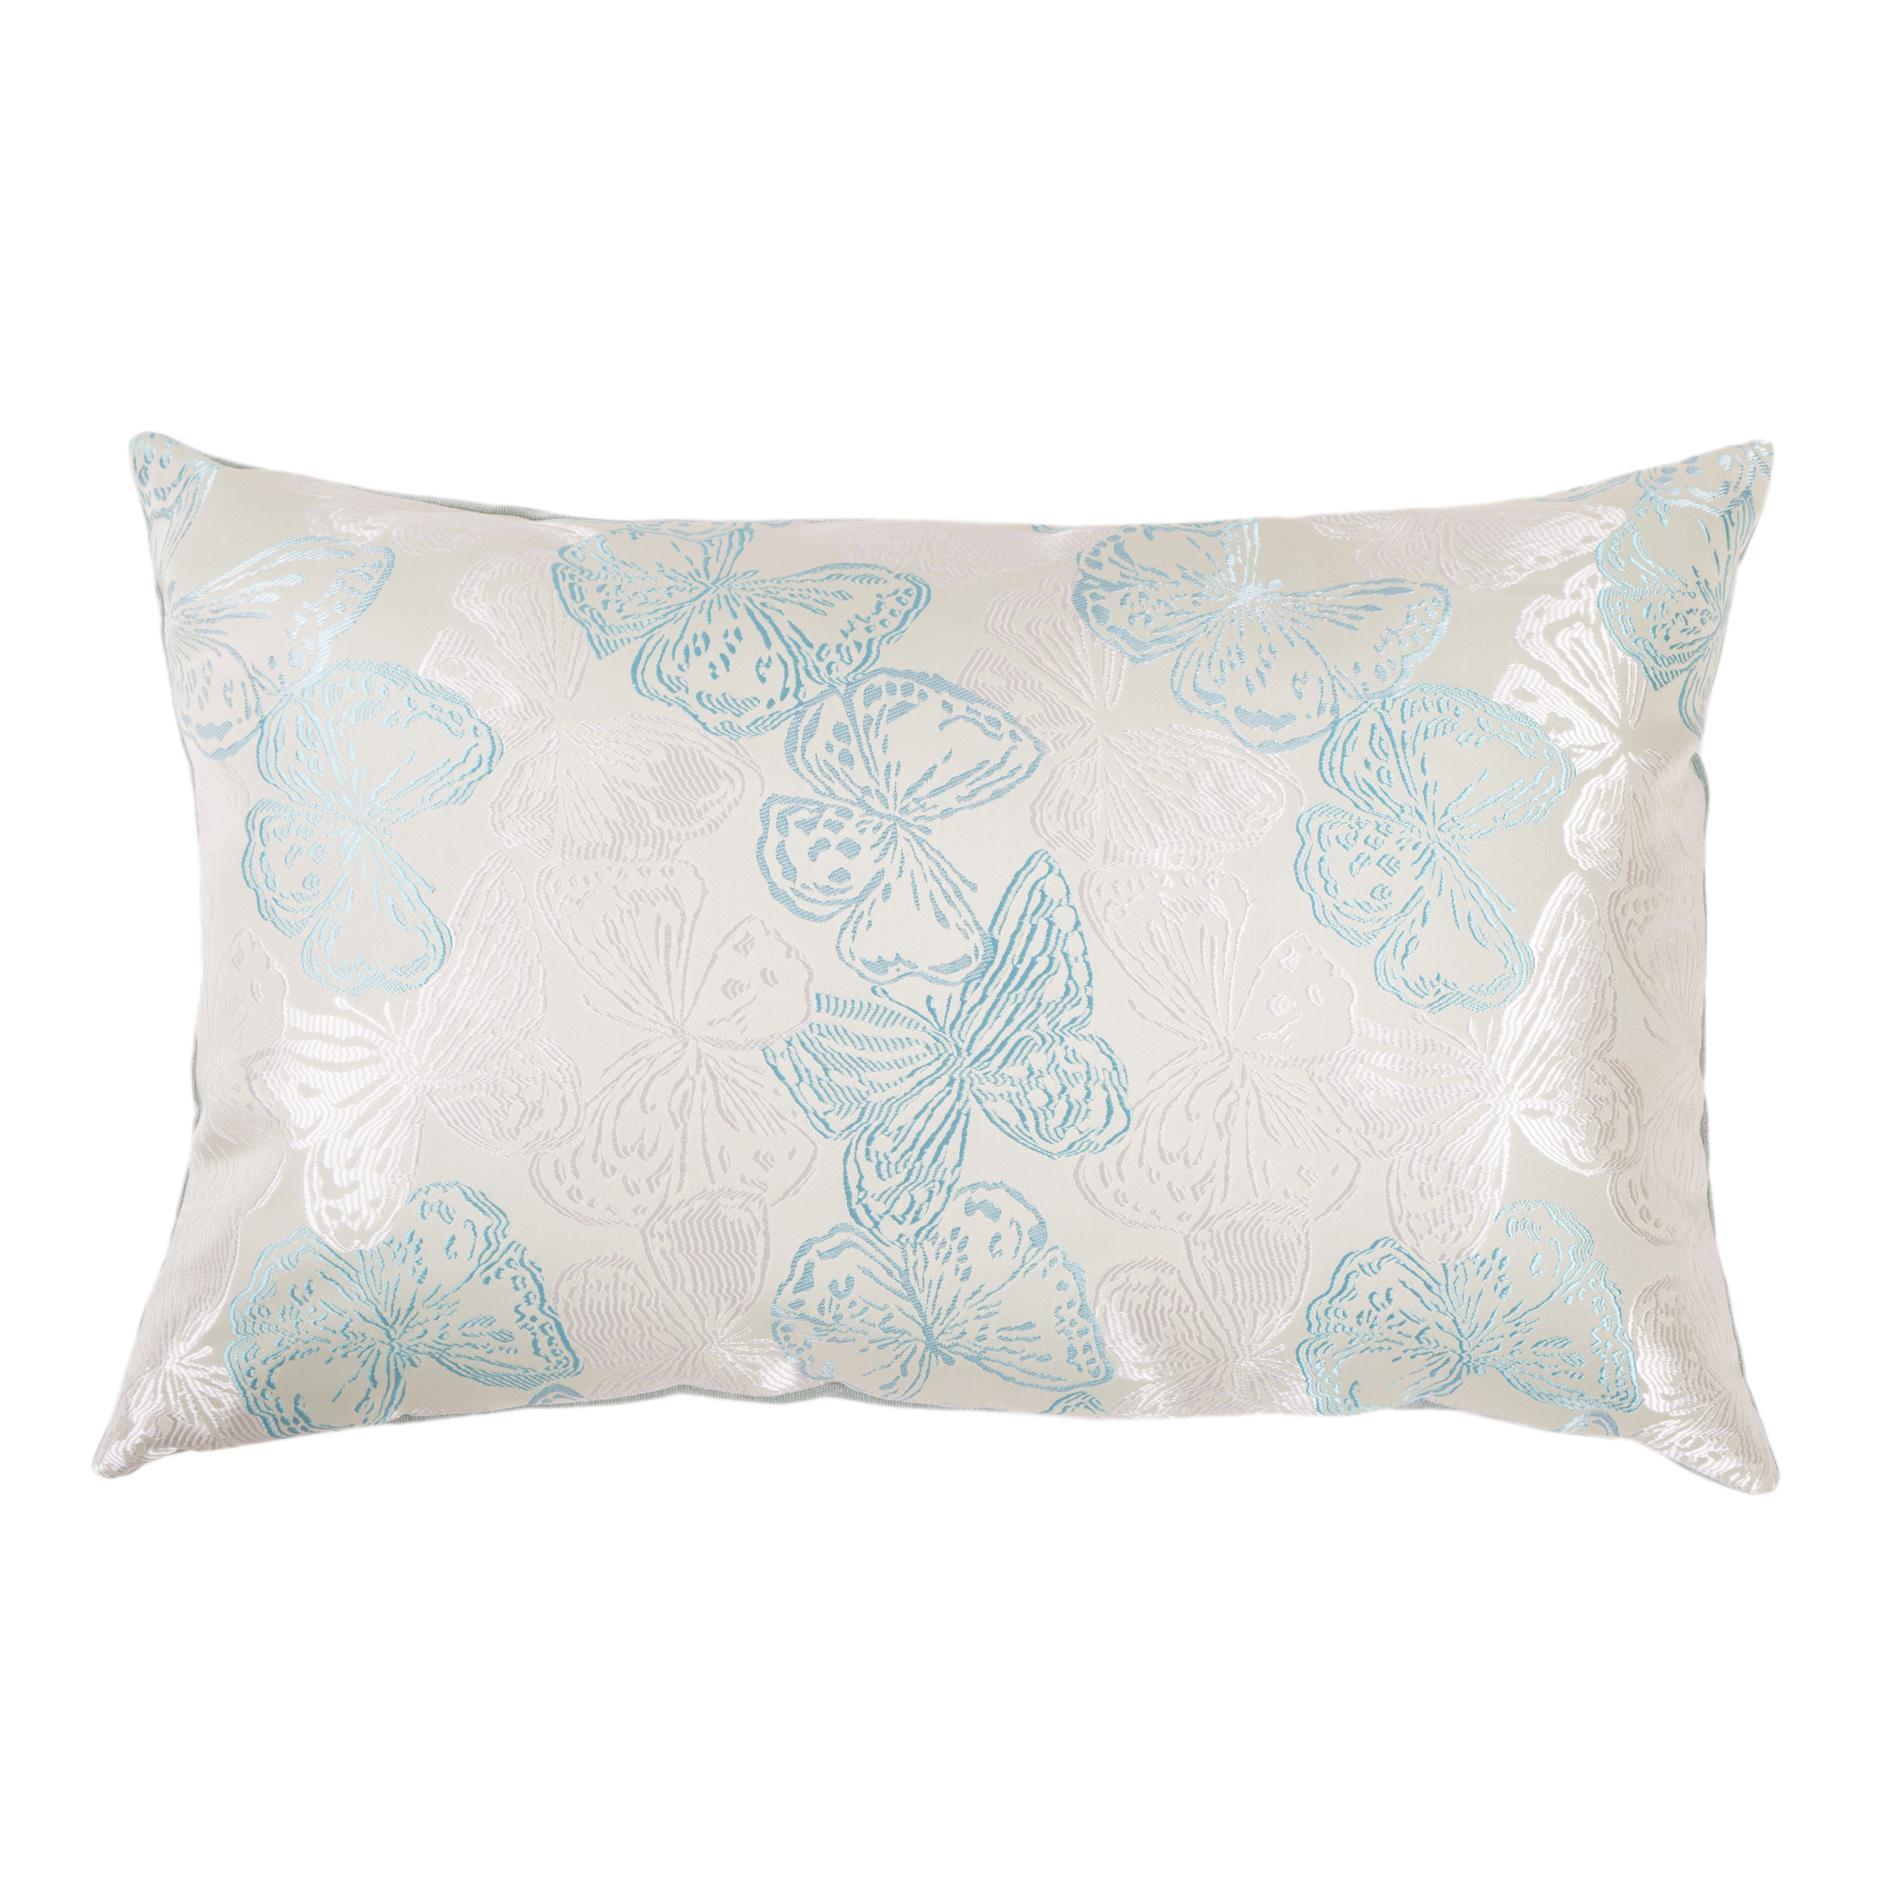 Подушка Зеленые бабочкиПрямоугольные подушки и наволочки<br>Двусторонняя декоративная подушка &amp;quot;Зеленые бабочки&amp;quot; станет ярким акцентом в вашем интерьере. На одной стороне принт с красочными бабочками сочно-изумрудных и золотистых  тонов, на другой стороне - нежный велюр сделают пространство комнаты веселым и радостным.  Высококачественный материал приятен для кожи и безопасен даже для самой чувствительной кожи.  Оригинальный дизайнерский принт сделает пространство стильным и своеобразным.  Красивый рисунок на ткани станет ярким акцентом в вашем декоре.<br><br>Material: Текстиль<br>Length см: None<br>Width см: 50<br>Depth см: 10<br>Height см: 30